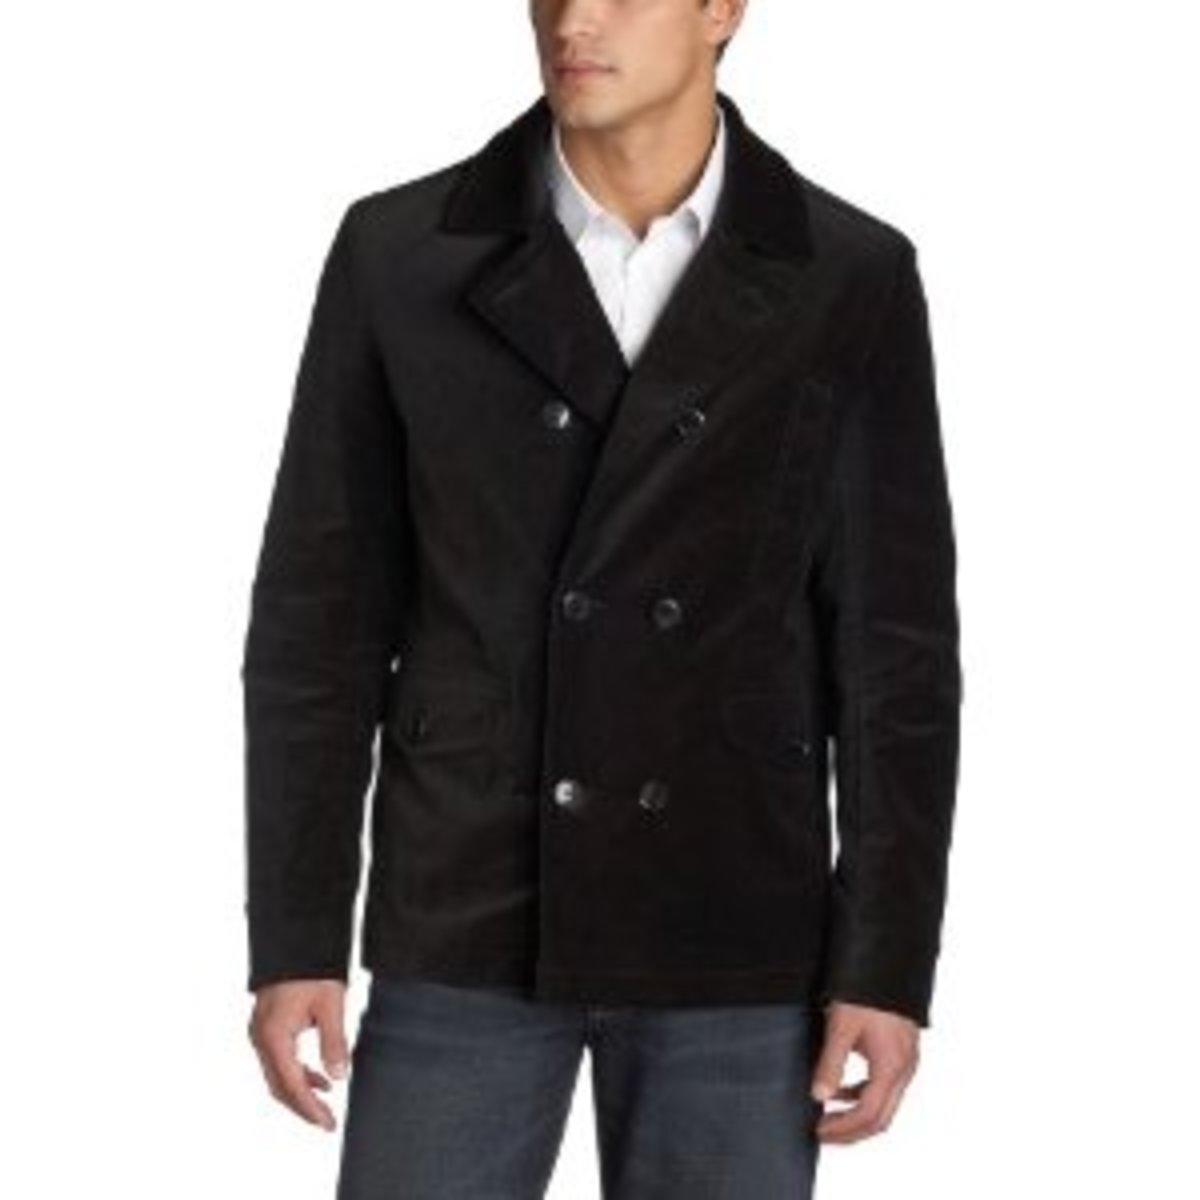 Ben Sherman Century jacket